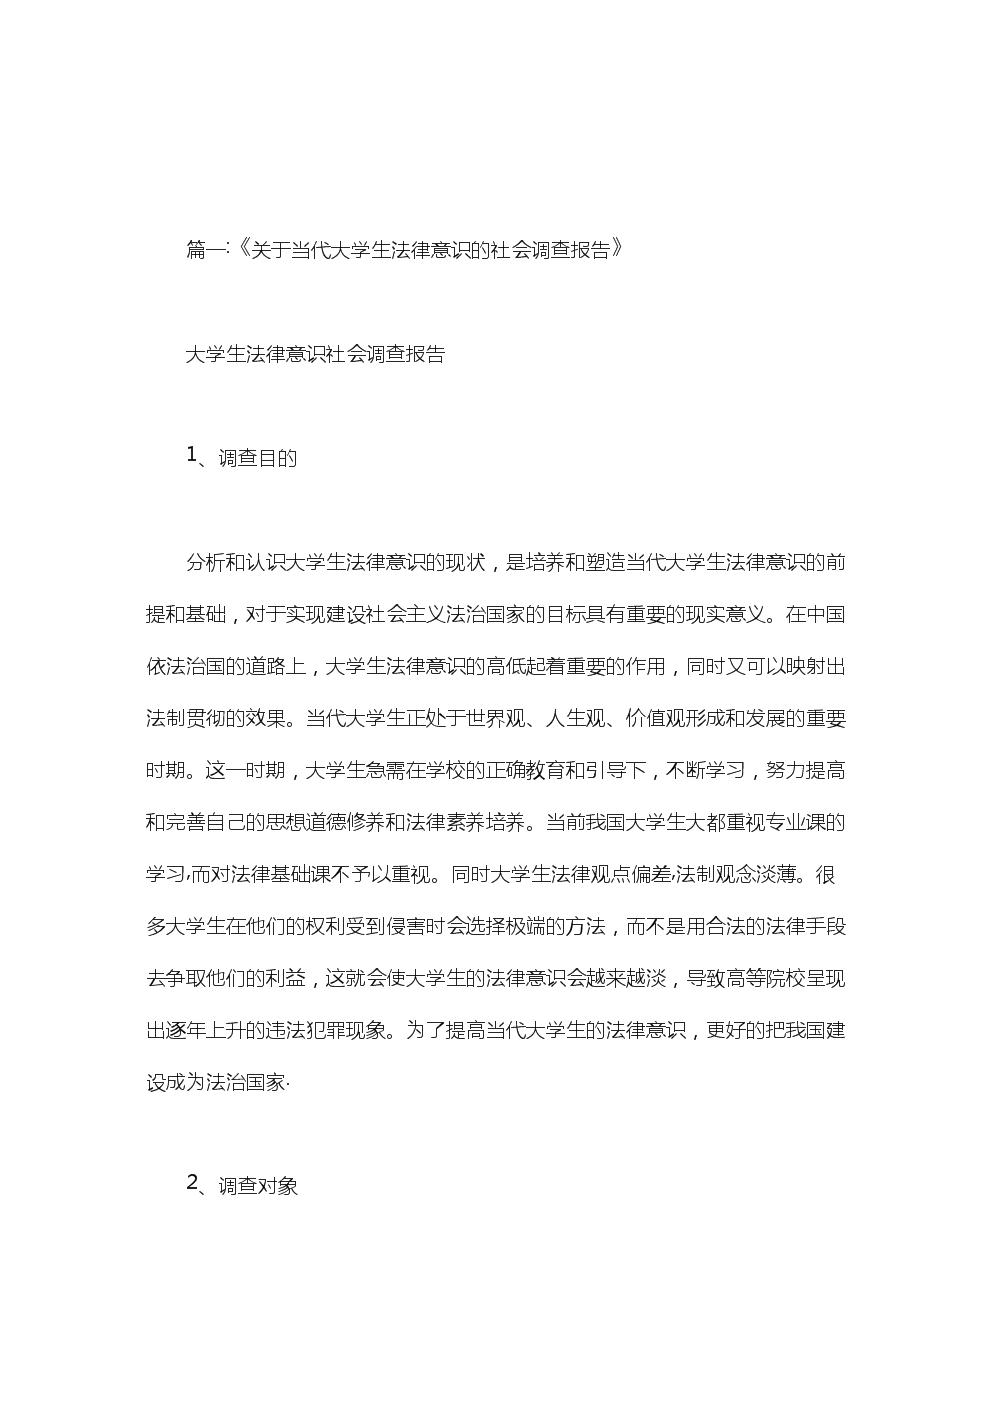 大学生法律意识与法律精神调查报告范文.doc